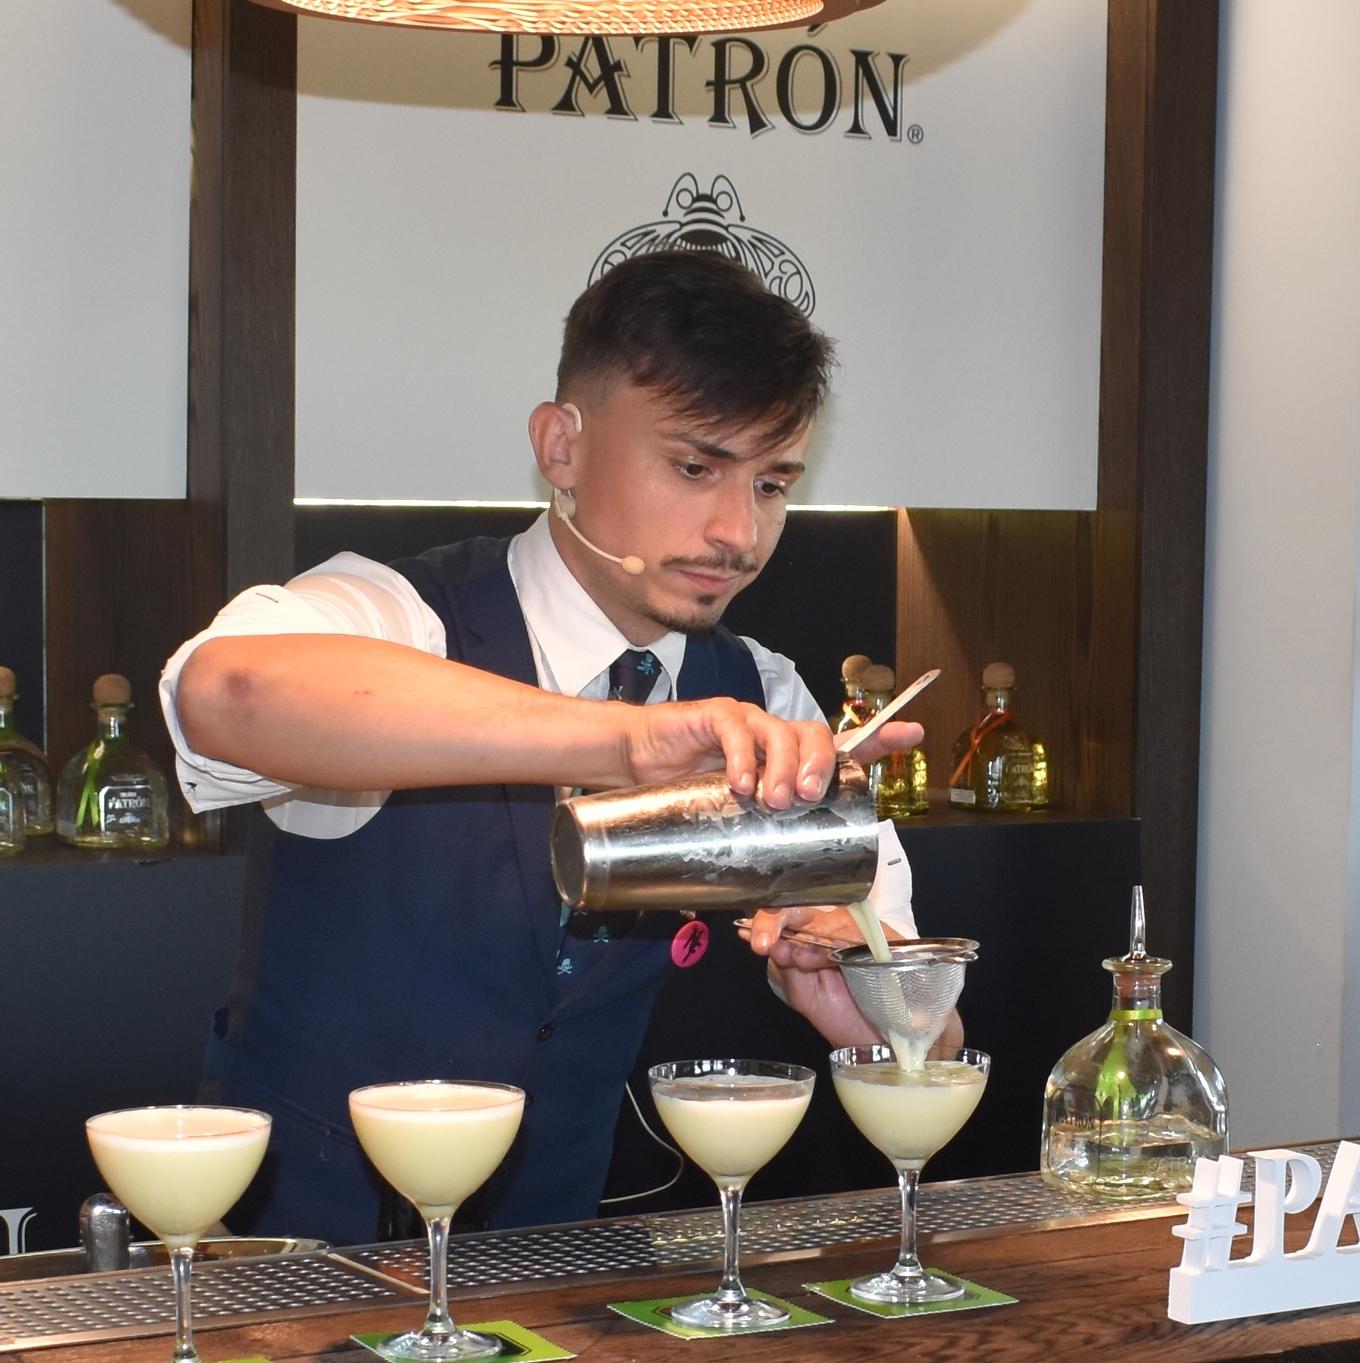 Patrón Perfectionist - Yeray Monforte image 1